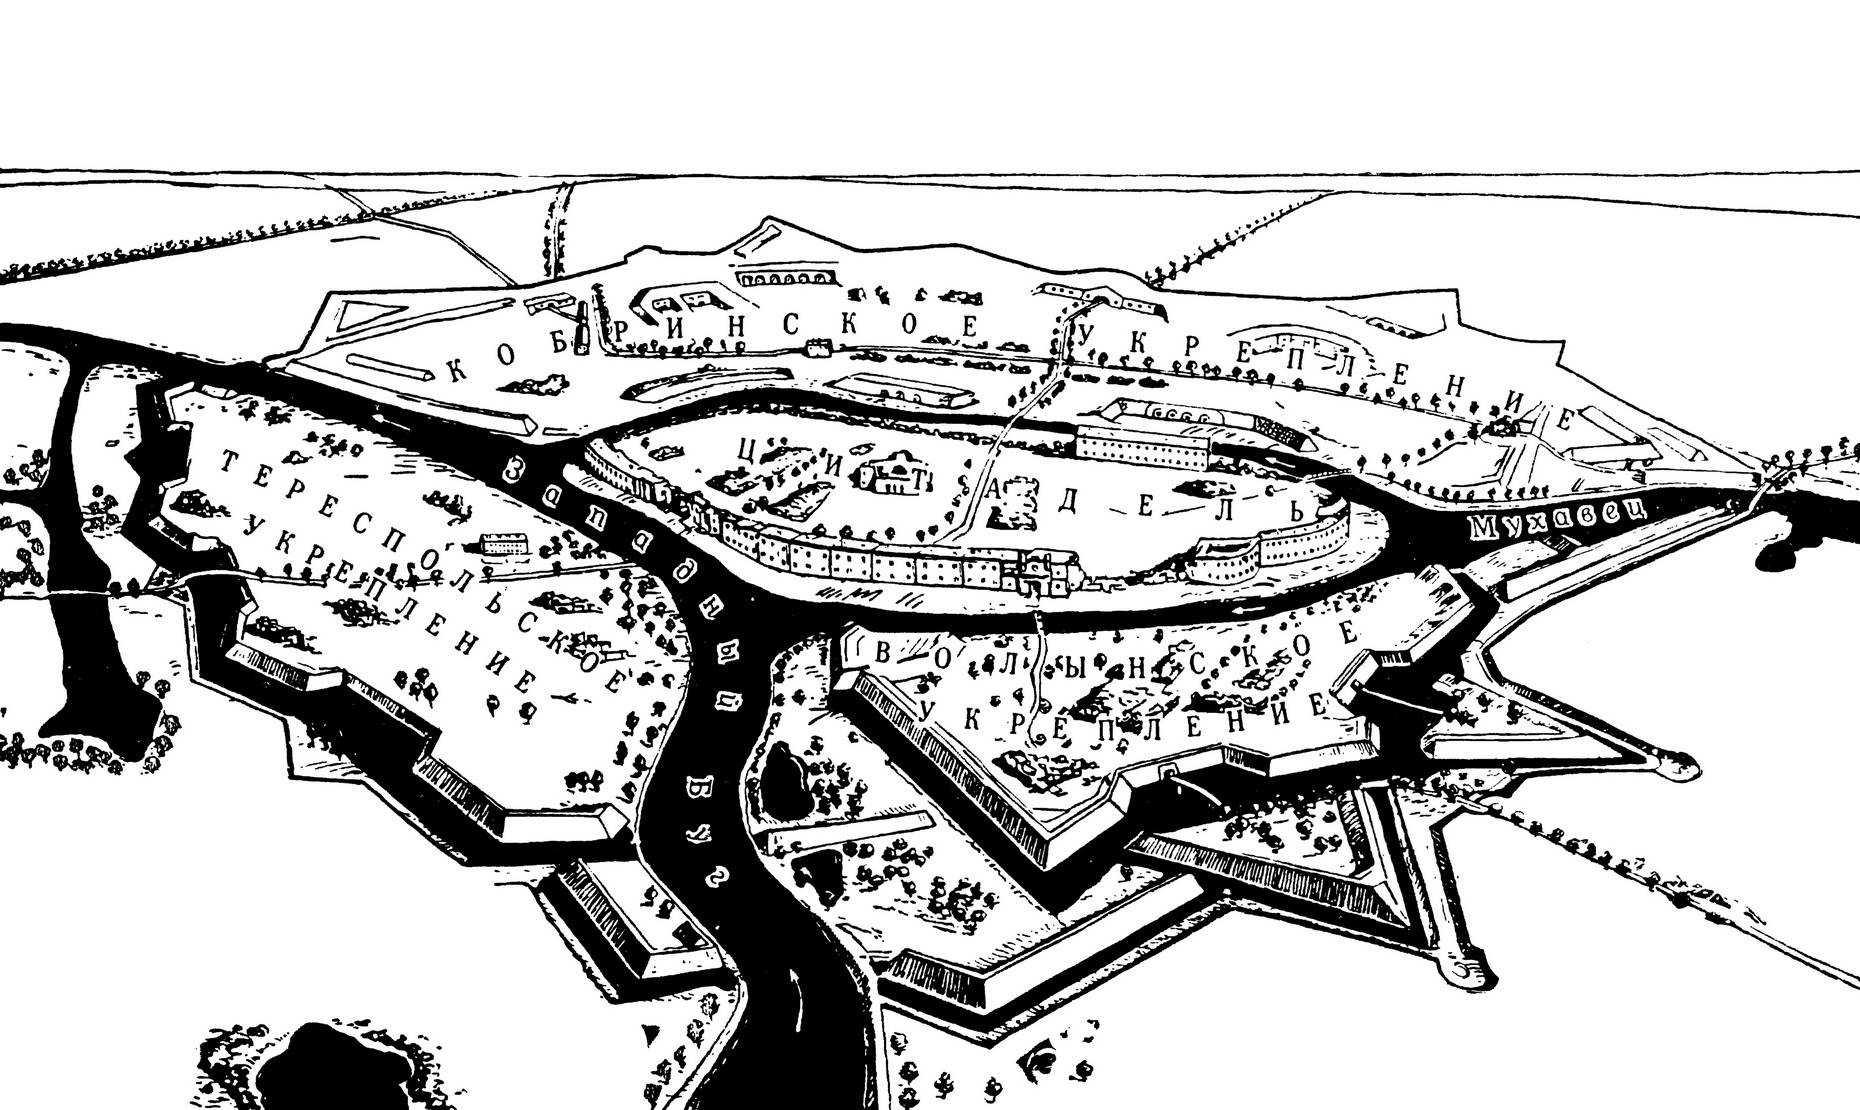 22 июня 1941 г. (70 лет назад) началась героическая оборона Брестской крепости.